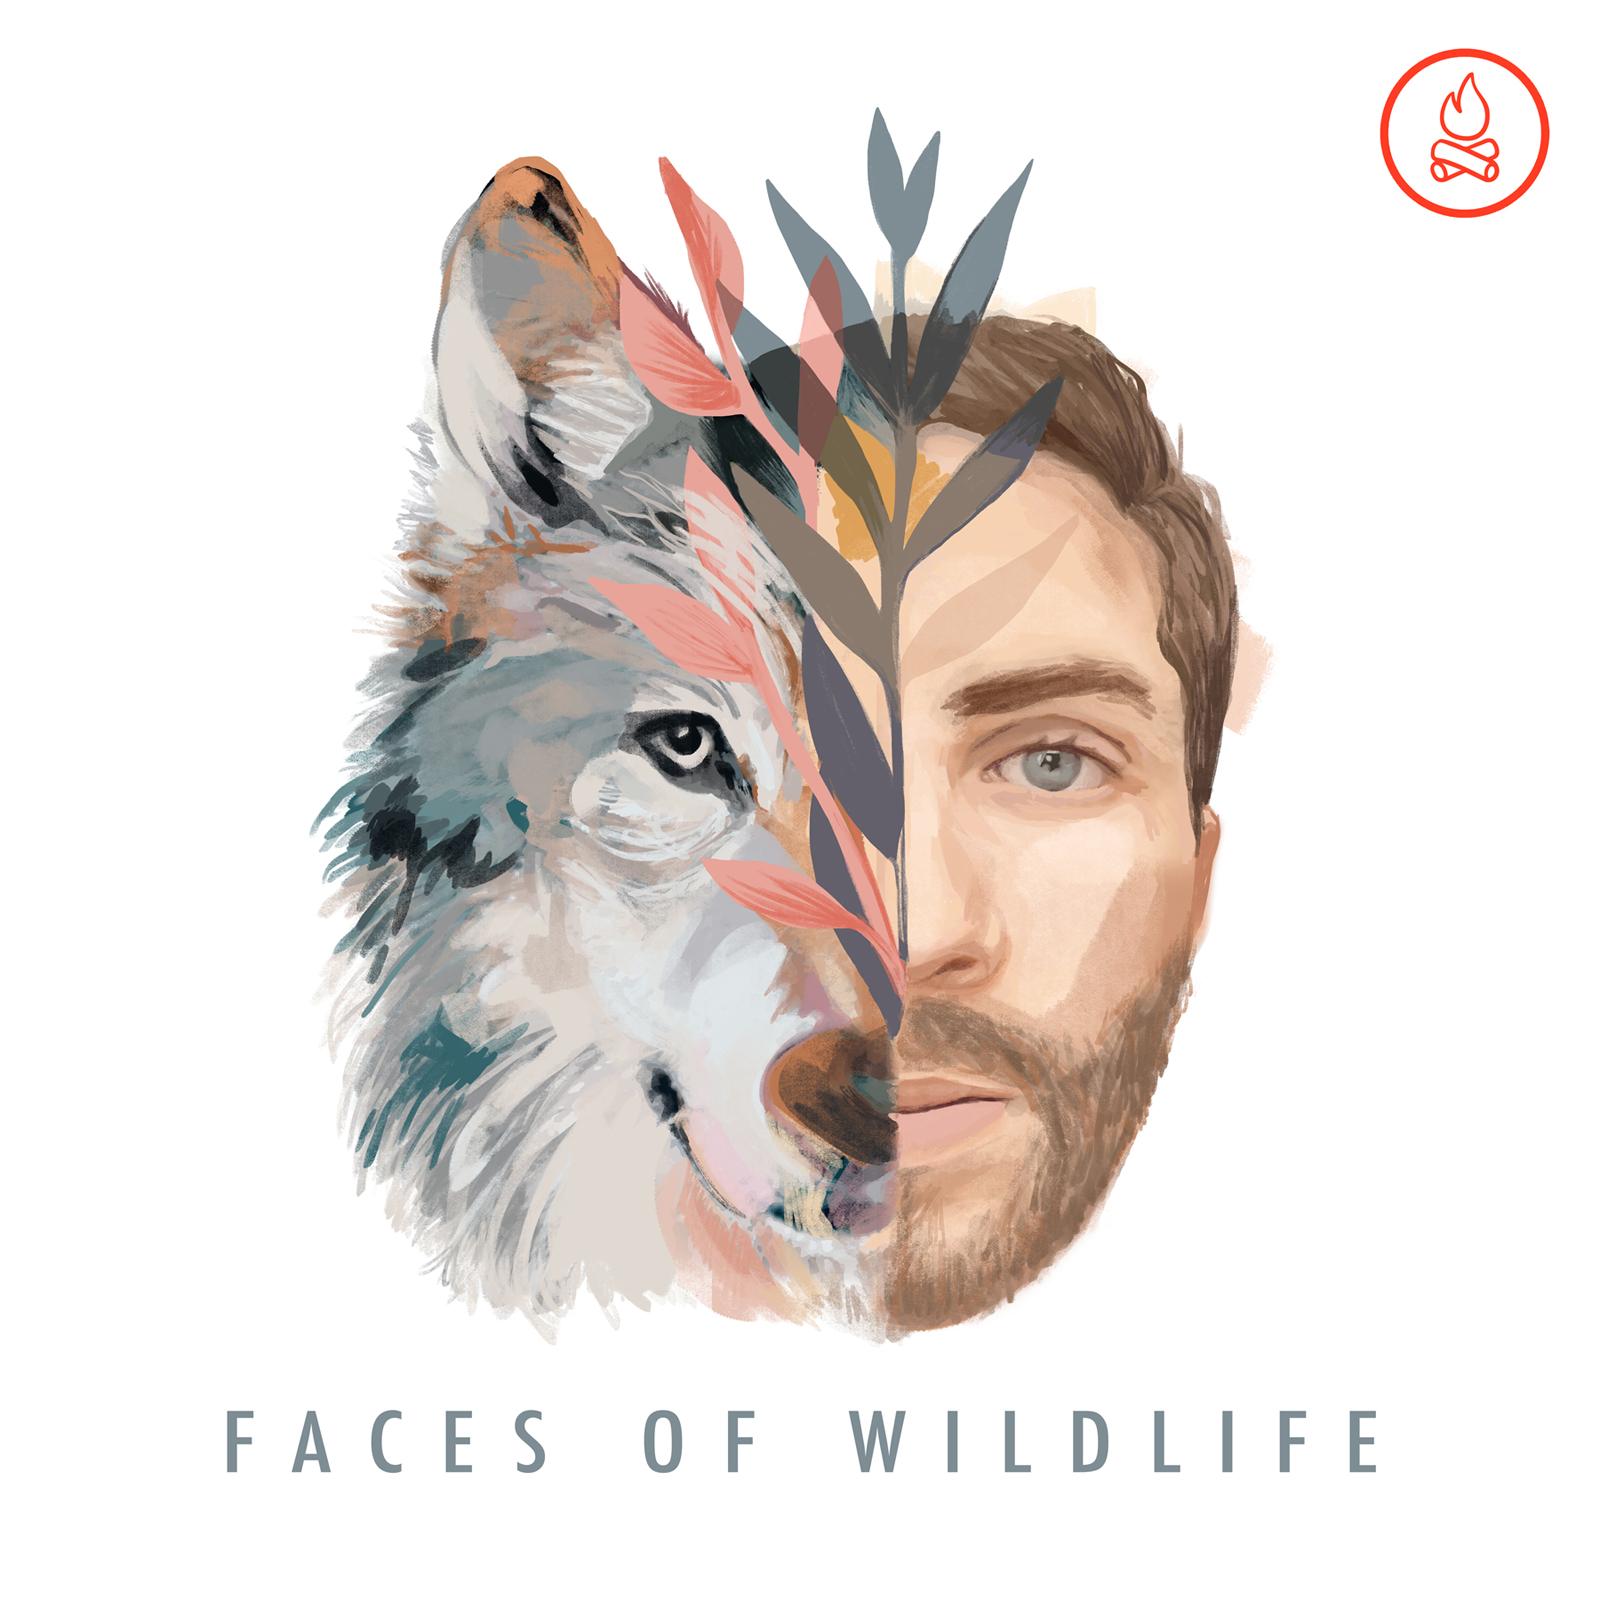 Faces_of_Wildlife_1600.jpg